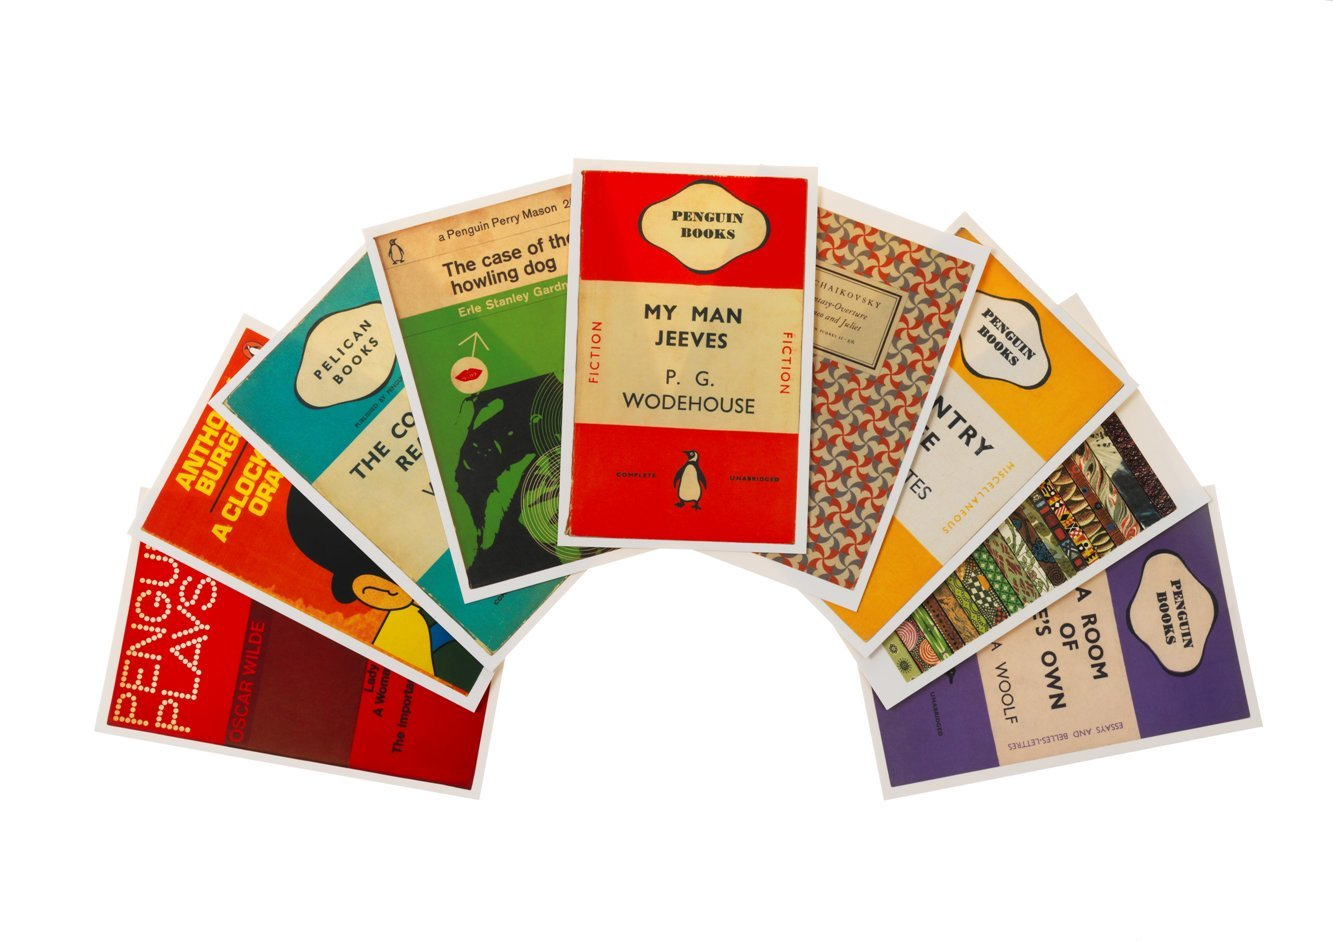 Verstuur jij nog wel eens ansichtkaarten? En is de ontvanger een boekenfan? Dan weet hij of zij deze mooie Penguin-kaarten vast te waarderen!